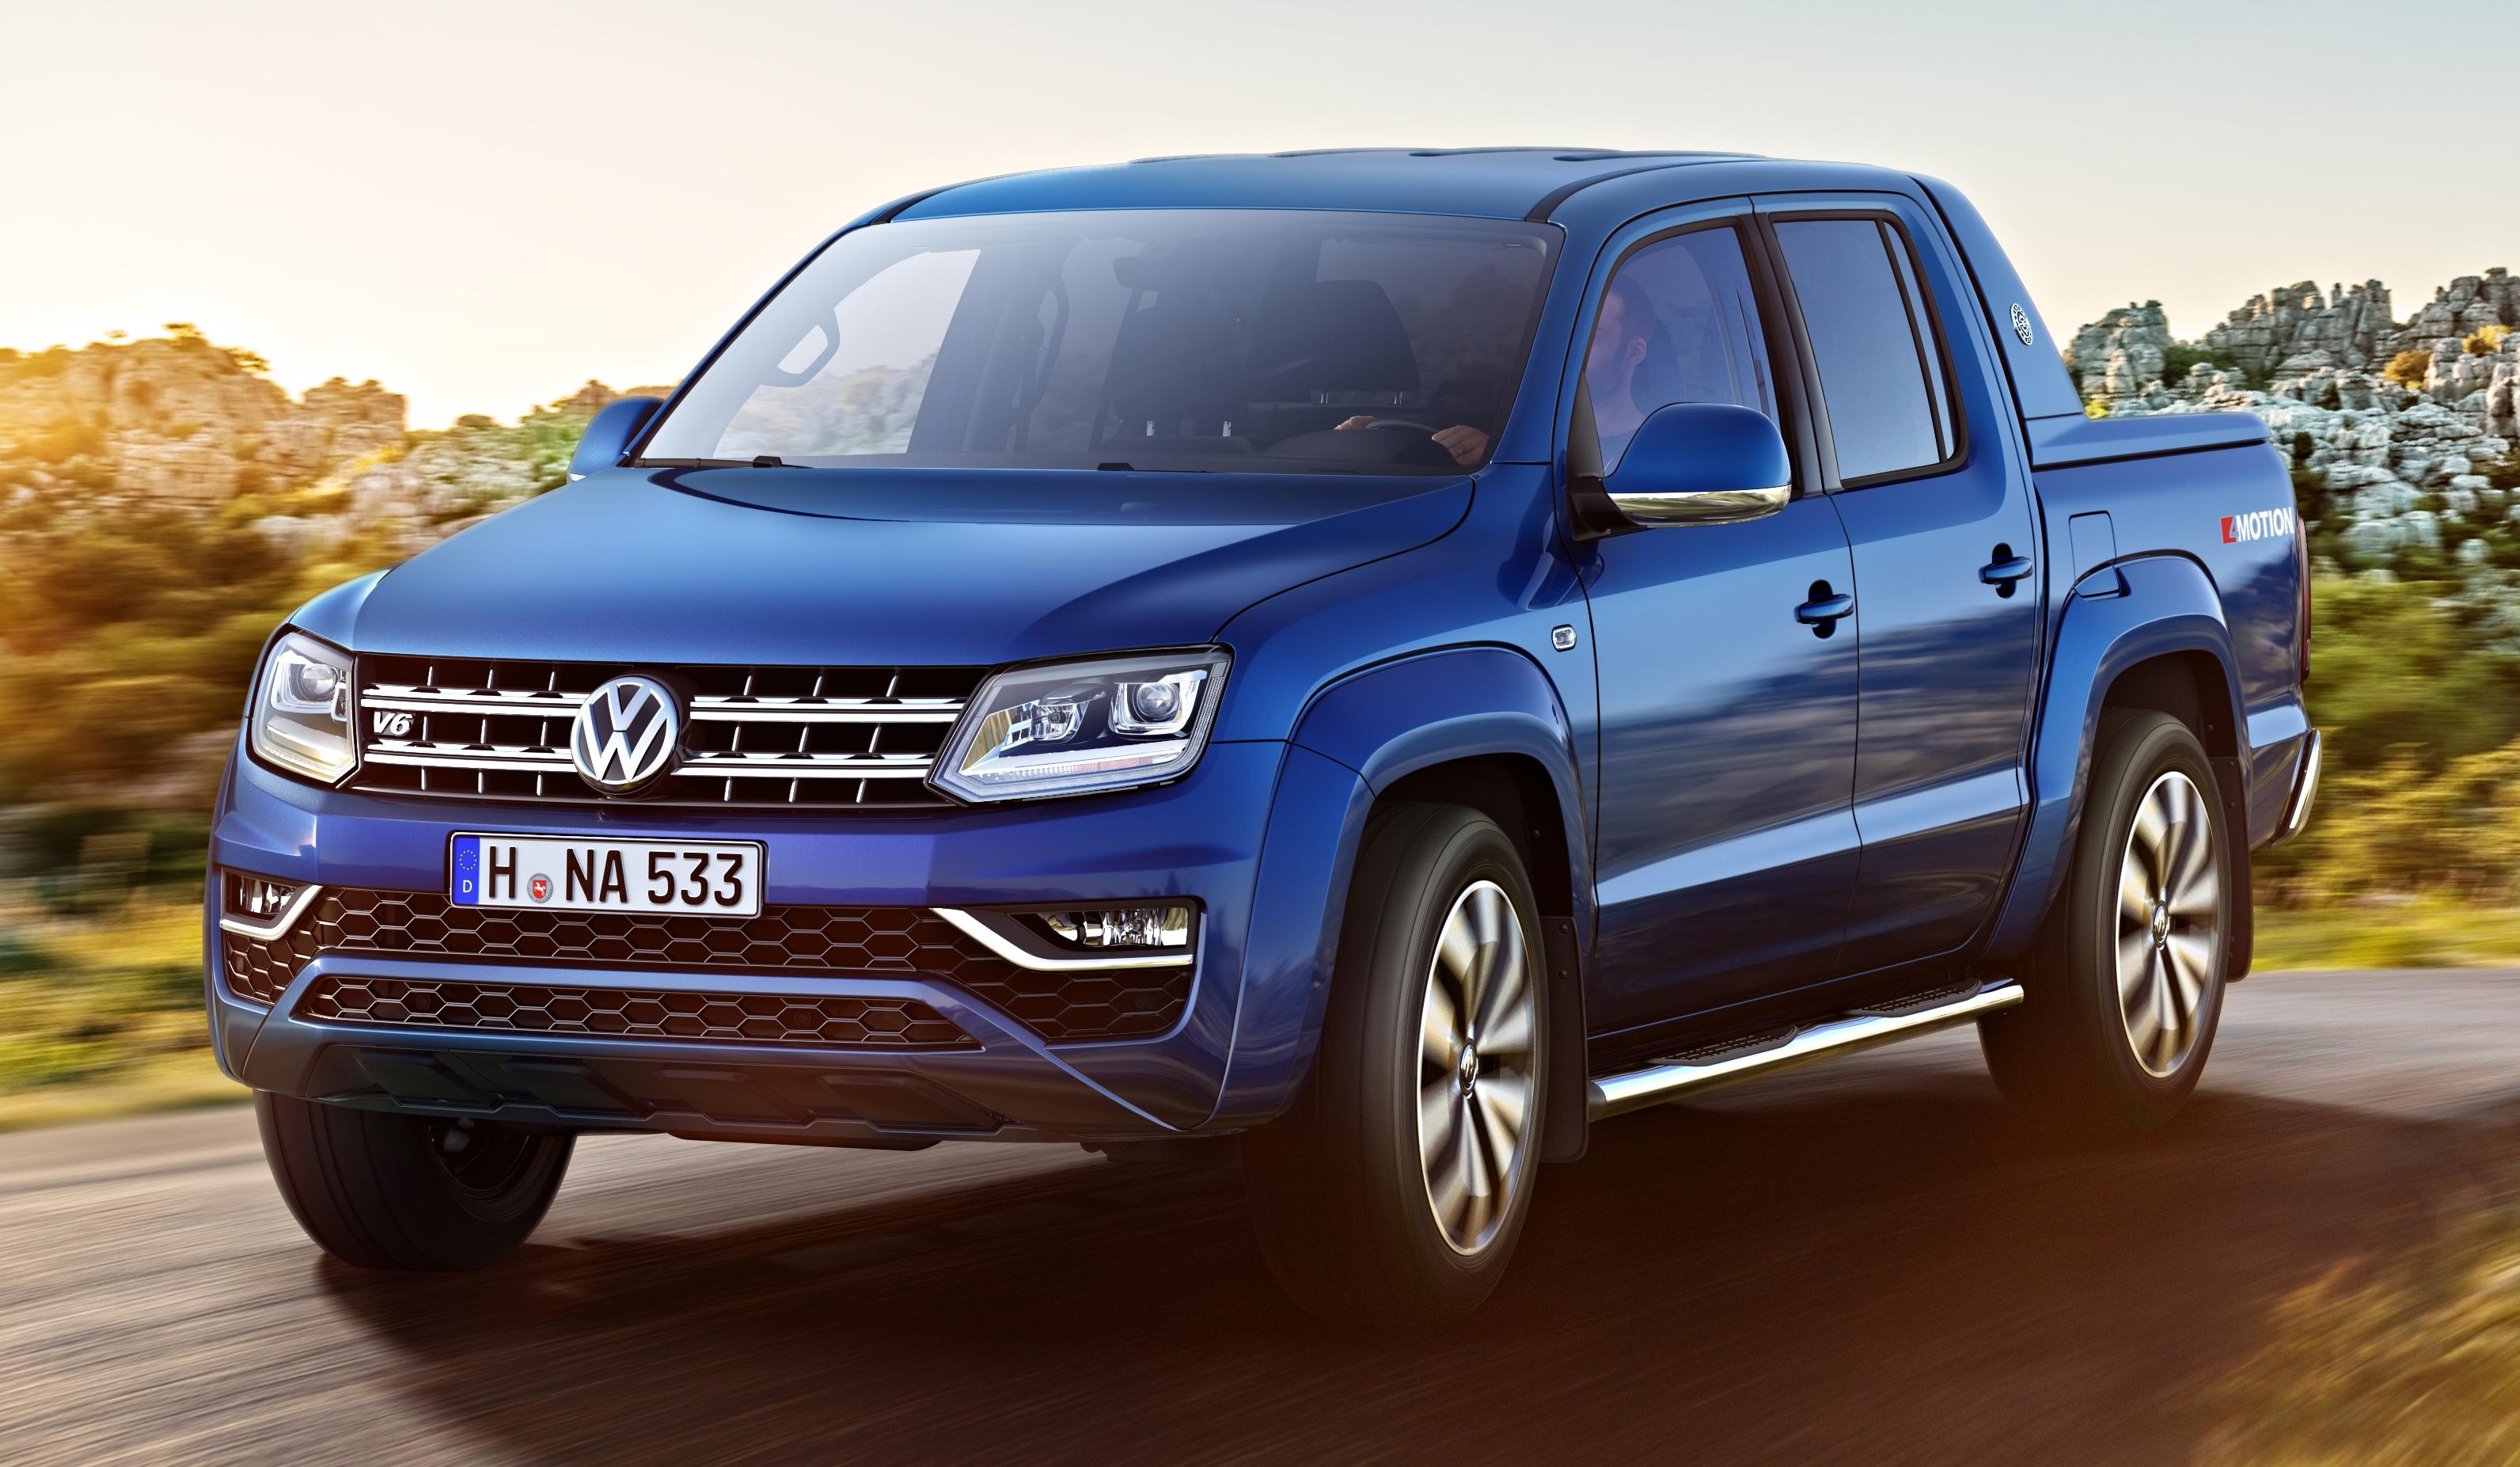 Volkswagen Amarok Facelift New Images Released Image 499310